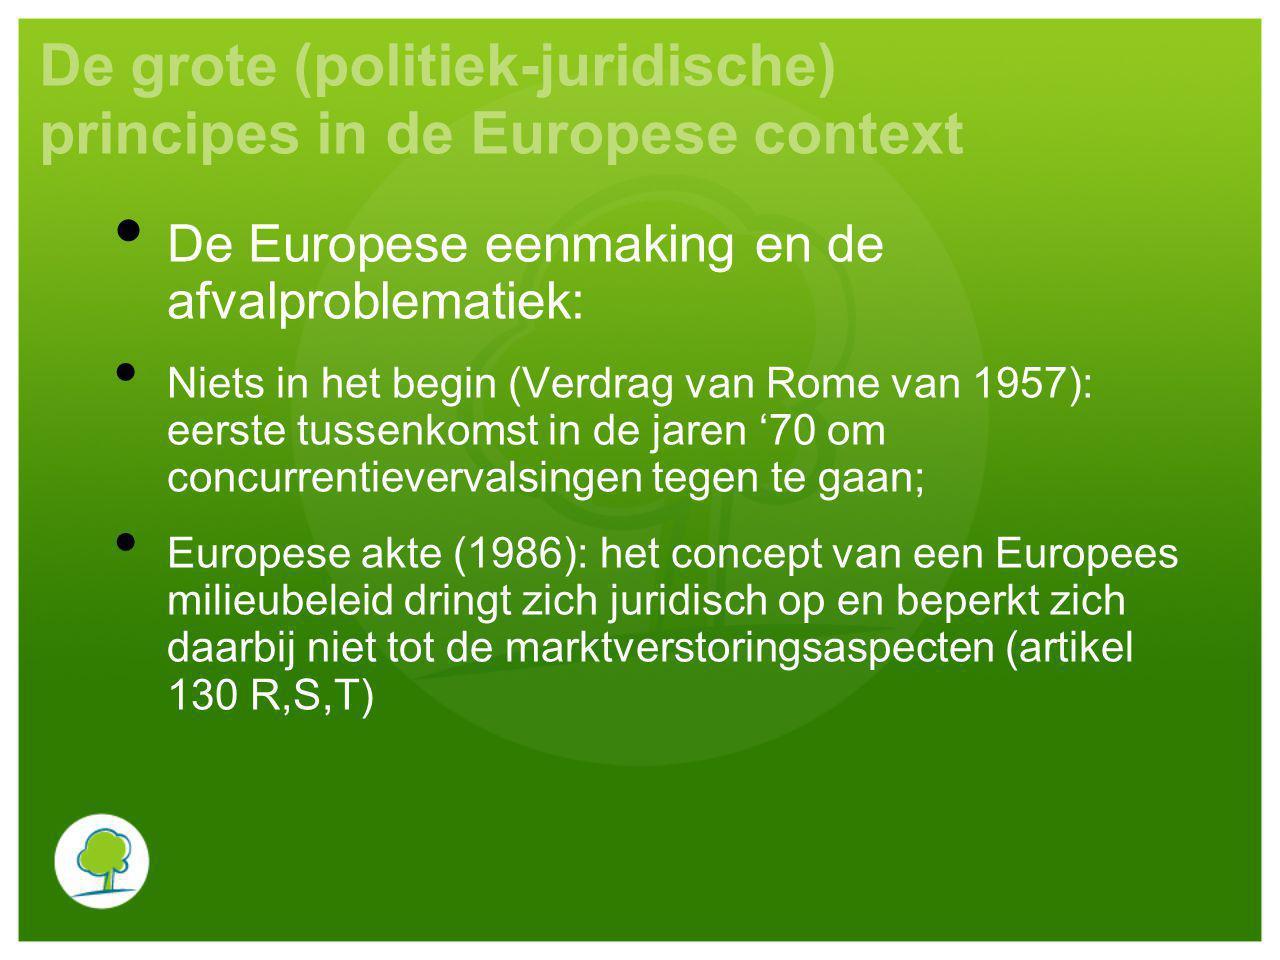 Verdrag van Maastricht (1992): invoering van de medebeslissingsprocedure; Verdrag van Amsterdam (1997): opdracht van de gemeenschap = een harmonieuze, evenwichtige en duurzame ontwikkeling van de economische activiteiten evenals een hoog niveau van milieubescherming en een verbetering van de milieukwaliteit ; Verdrag van Nice (2000) – Verdrag van Lissabon (2007): geen wijziging met betrekking tot het milieubeleid